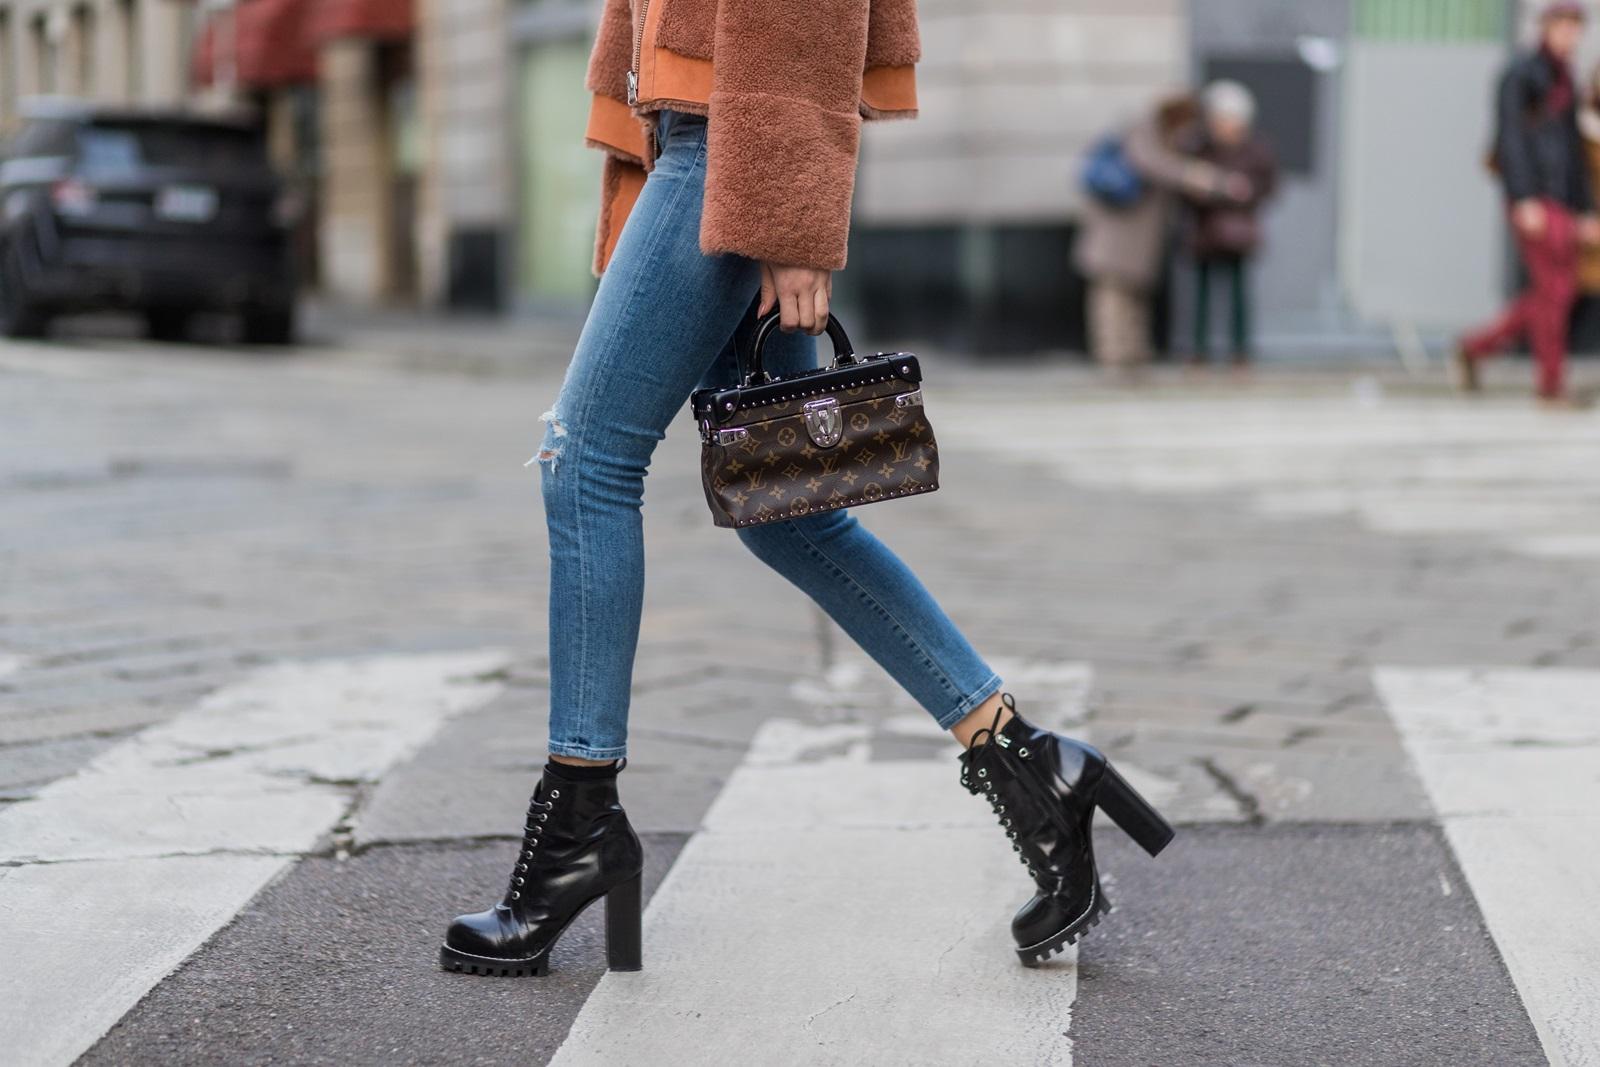 1-mali-modni-lekcii-5-stilski-greshki-koi-gi-pravime-koga-nosime-tesni-farmerki-www.kafepauza.mk_